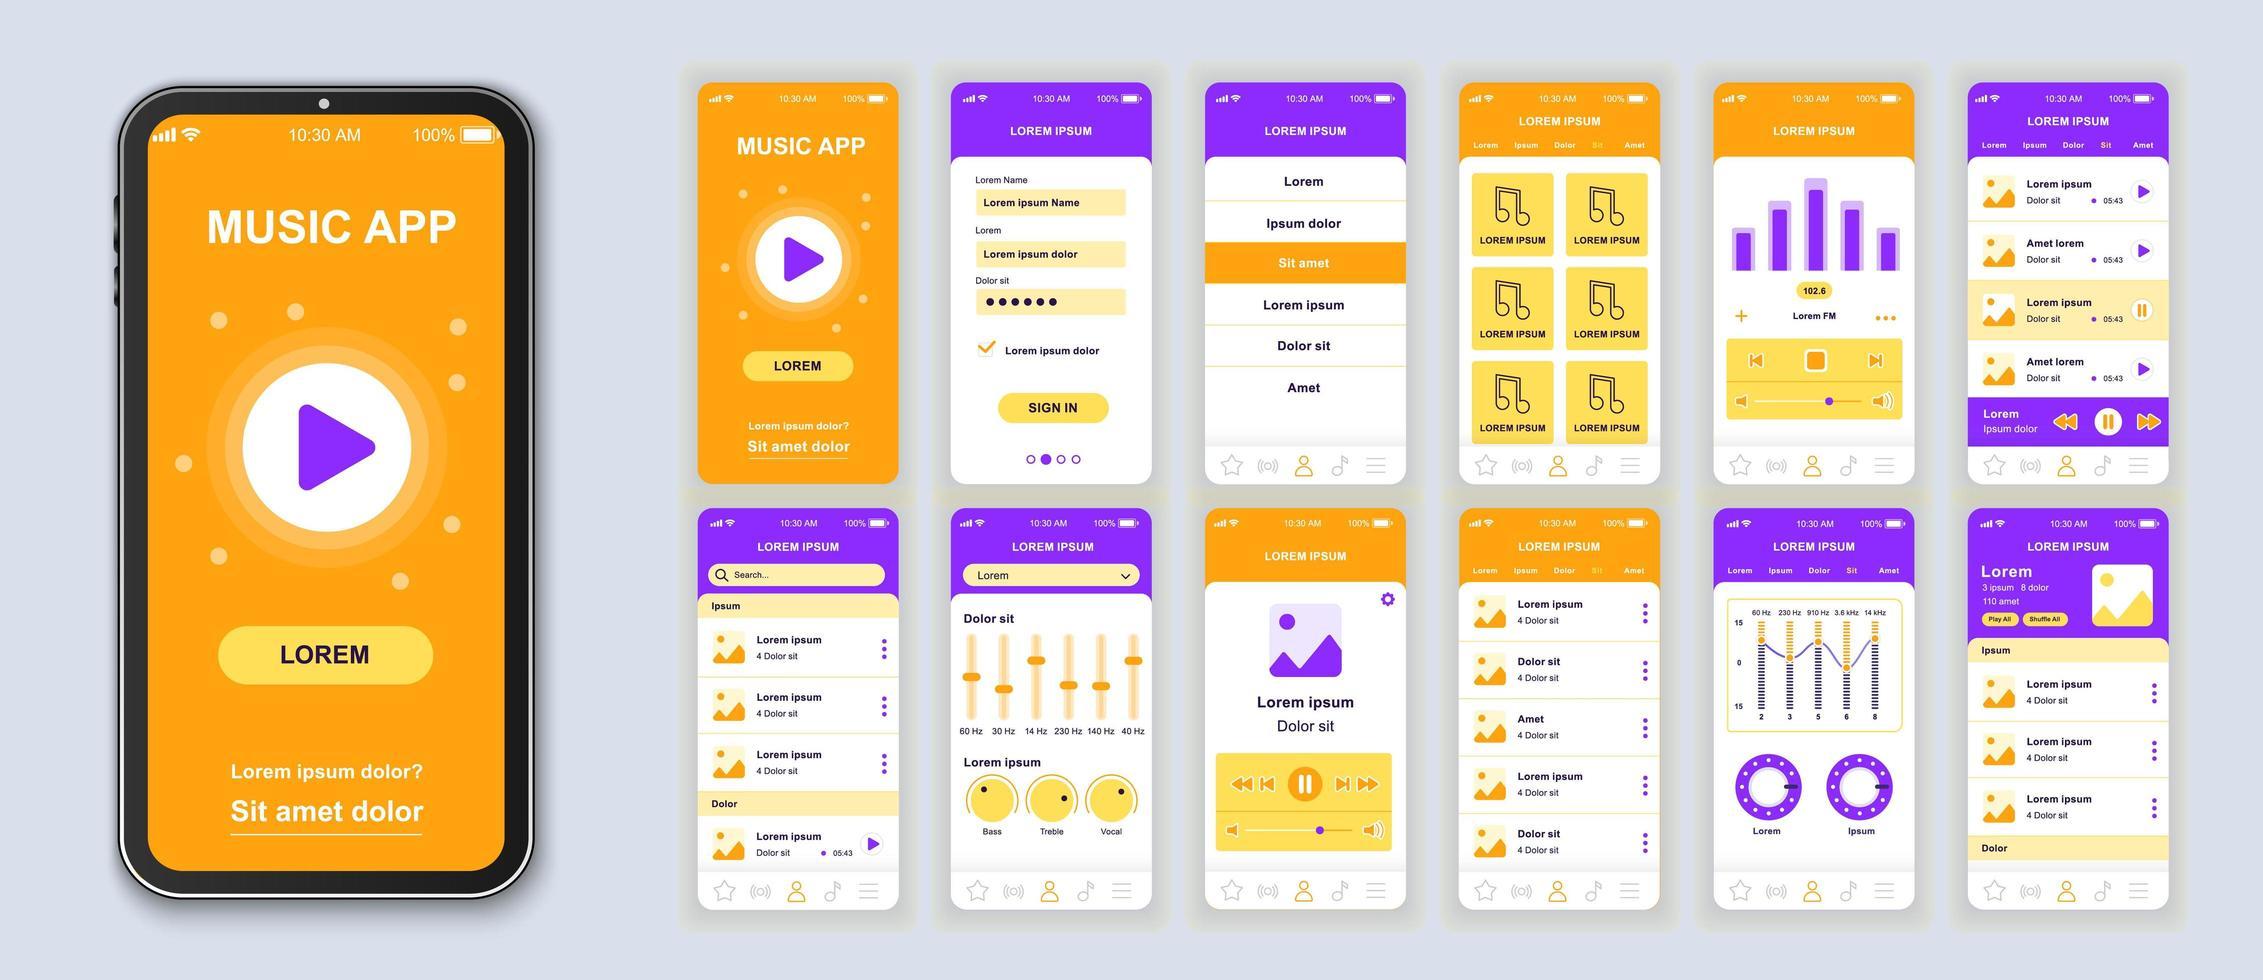 design de interface de aplicativo móvel de ui de música laranja e roxo vetor